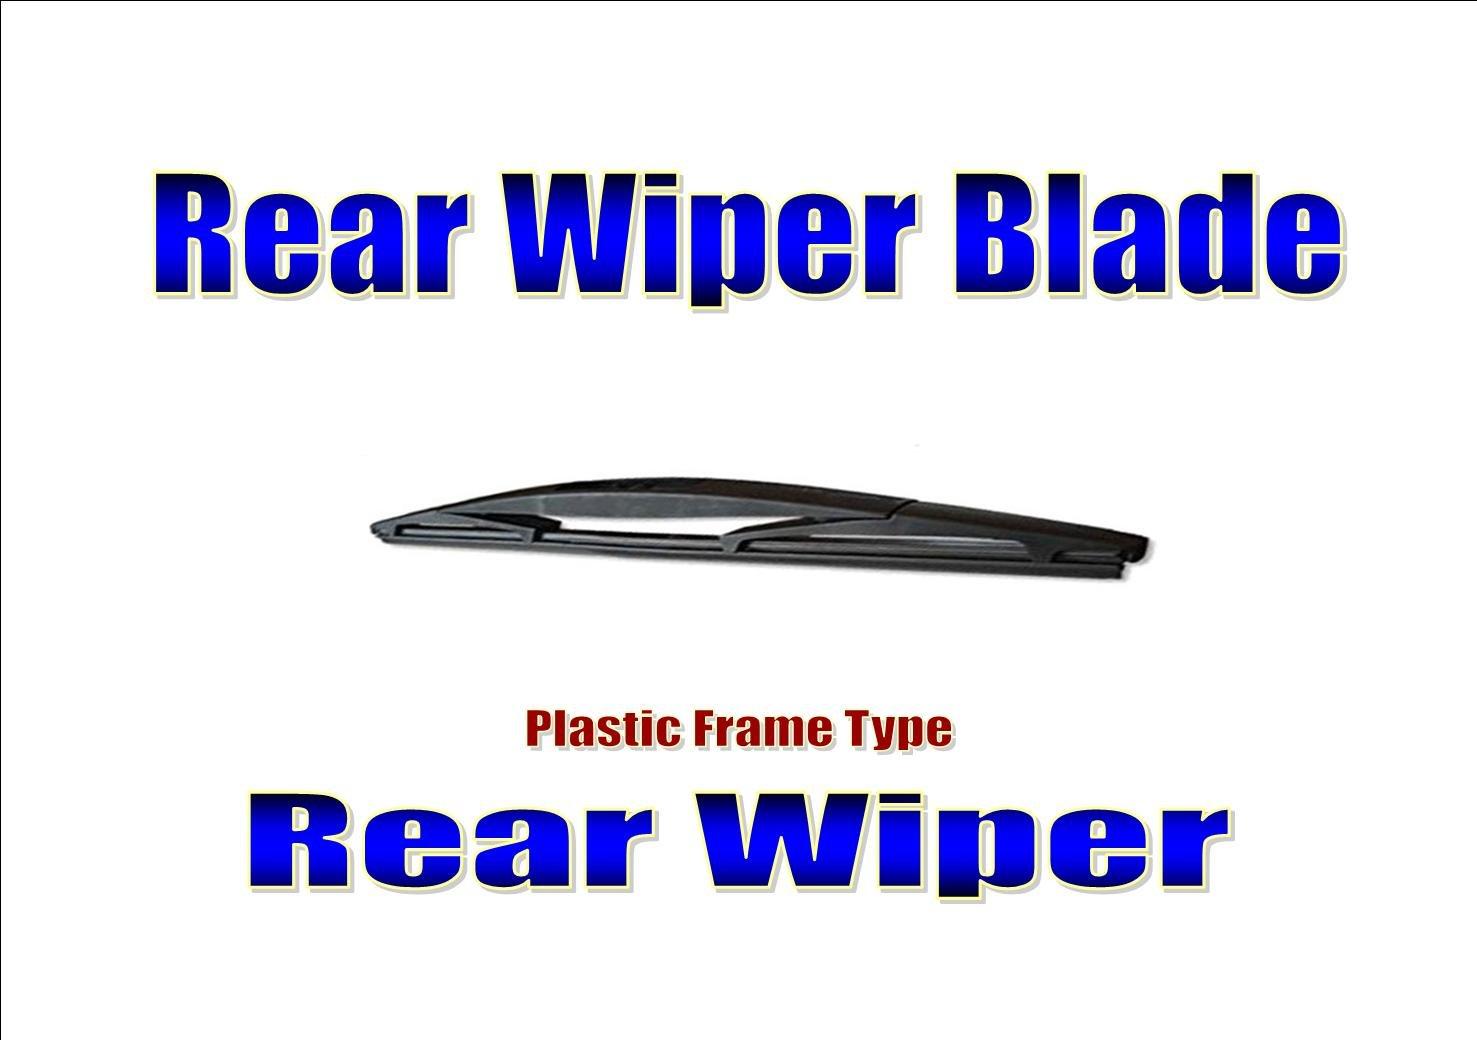 Civic Estate Tourer Rear Wiper Blade Back Windscreen Wiper 2014-2017